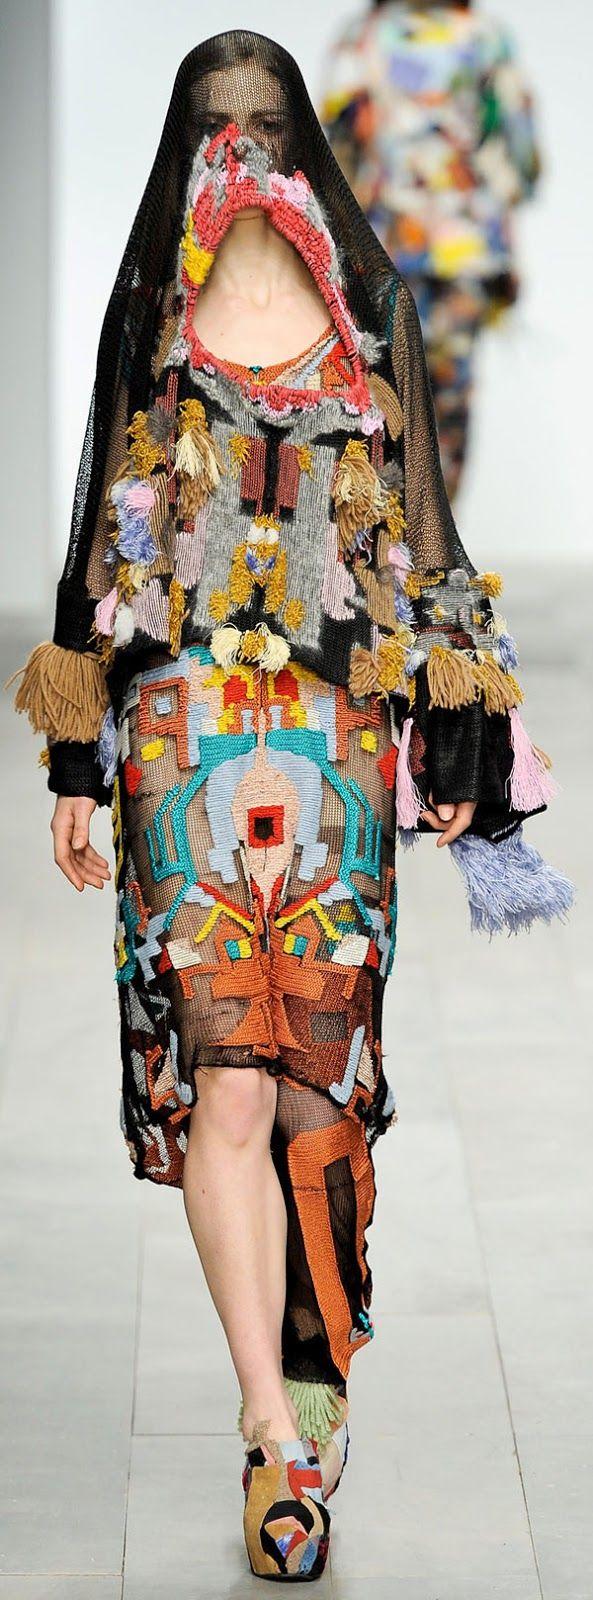 Wearable art by Leutton Postle